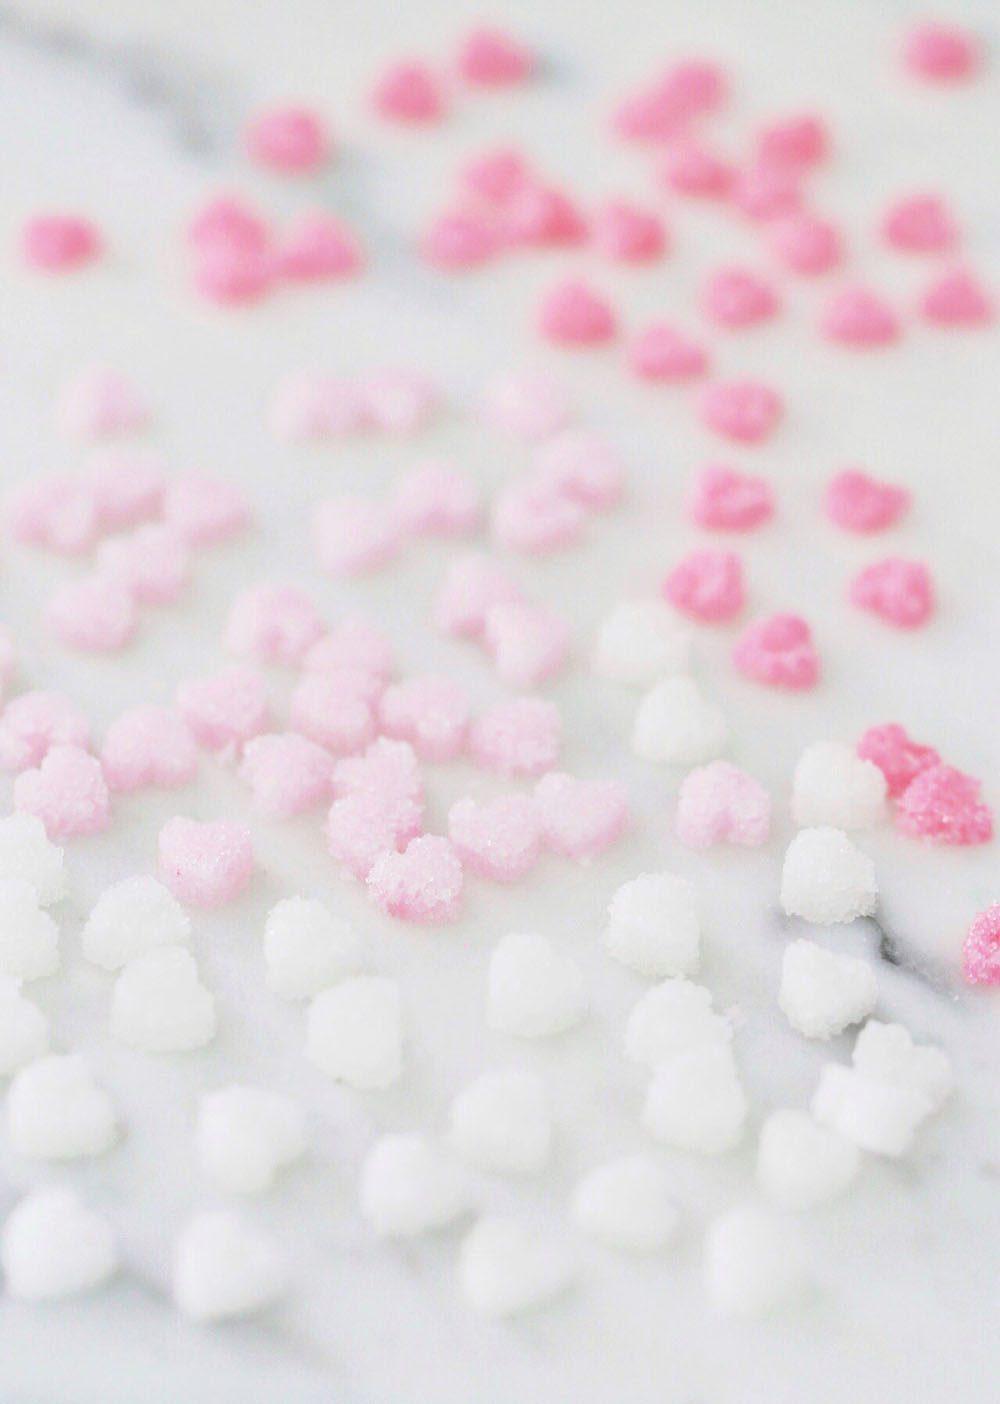 jillian-harris-erin-sousa-valentine-sugar-hearts-2